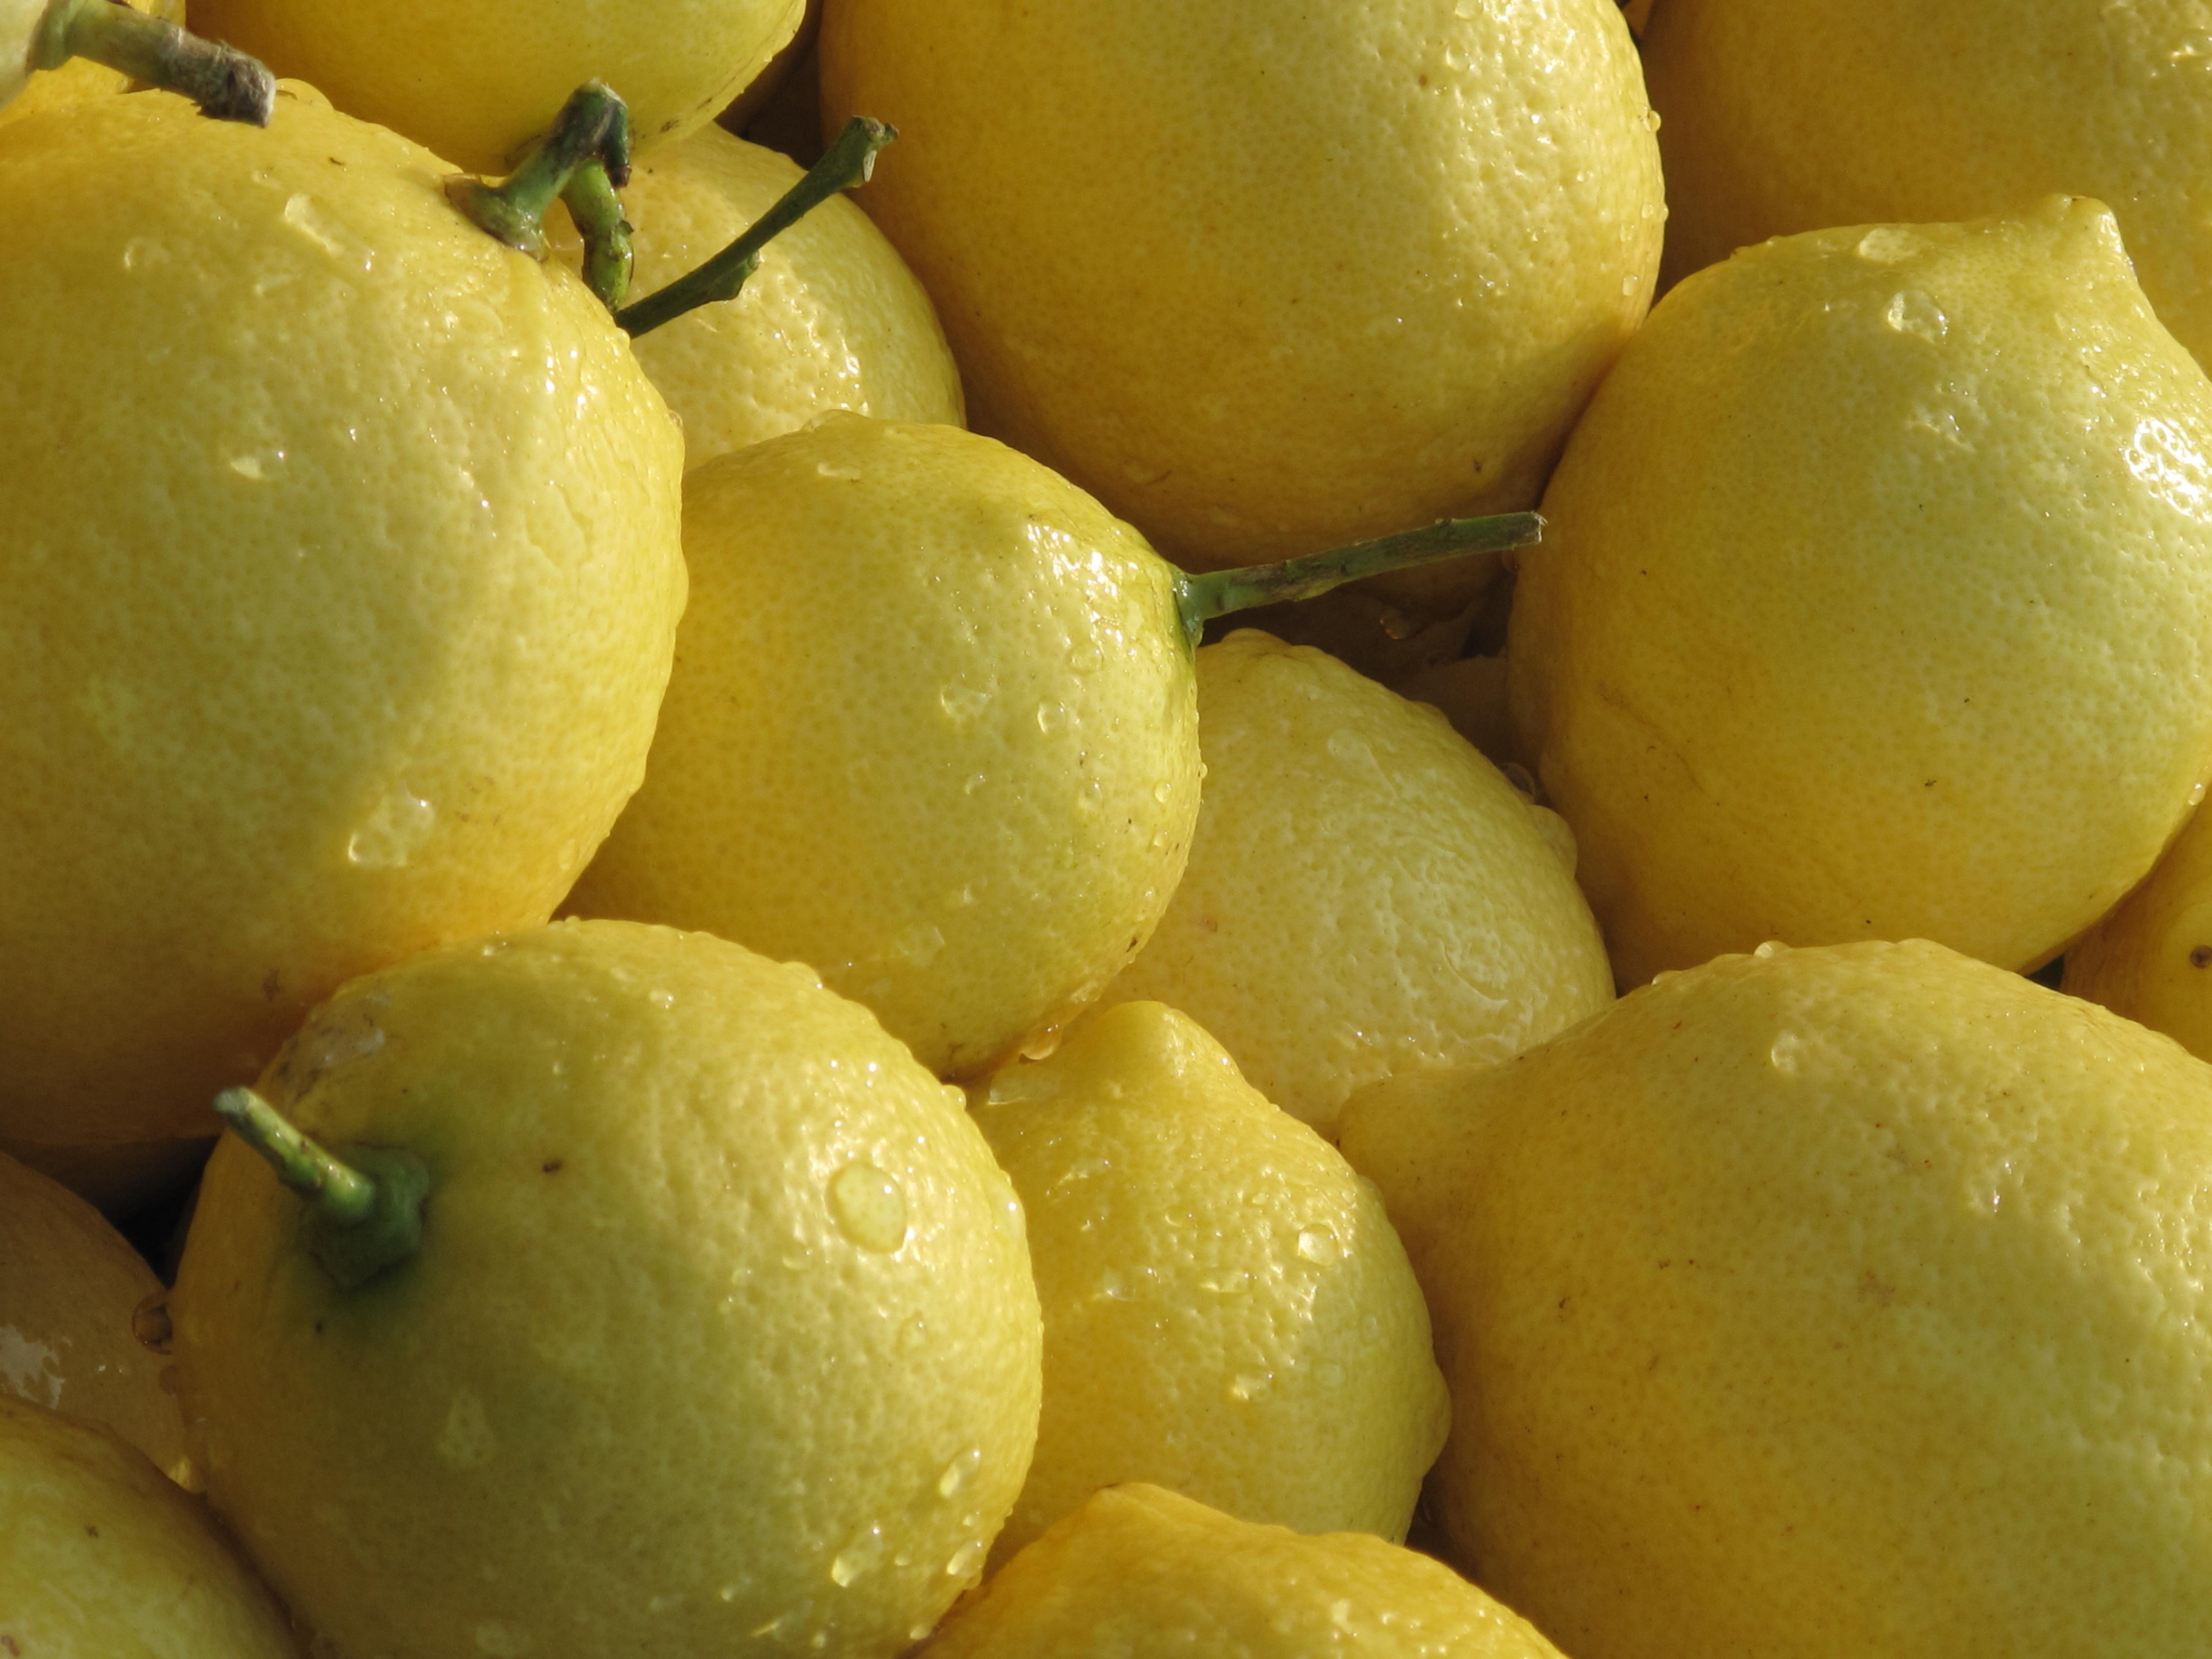 一二级混装 安岳柠檬 尤力克 黄柠檬  新鲜水果 黄小果2斤包邮